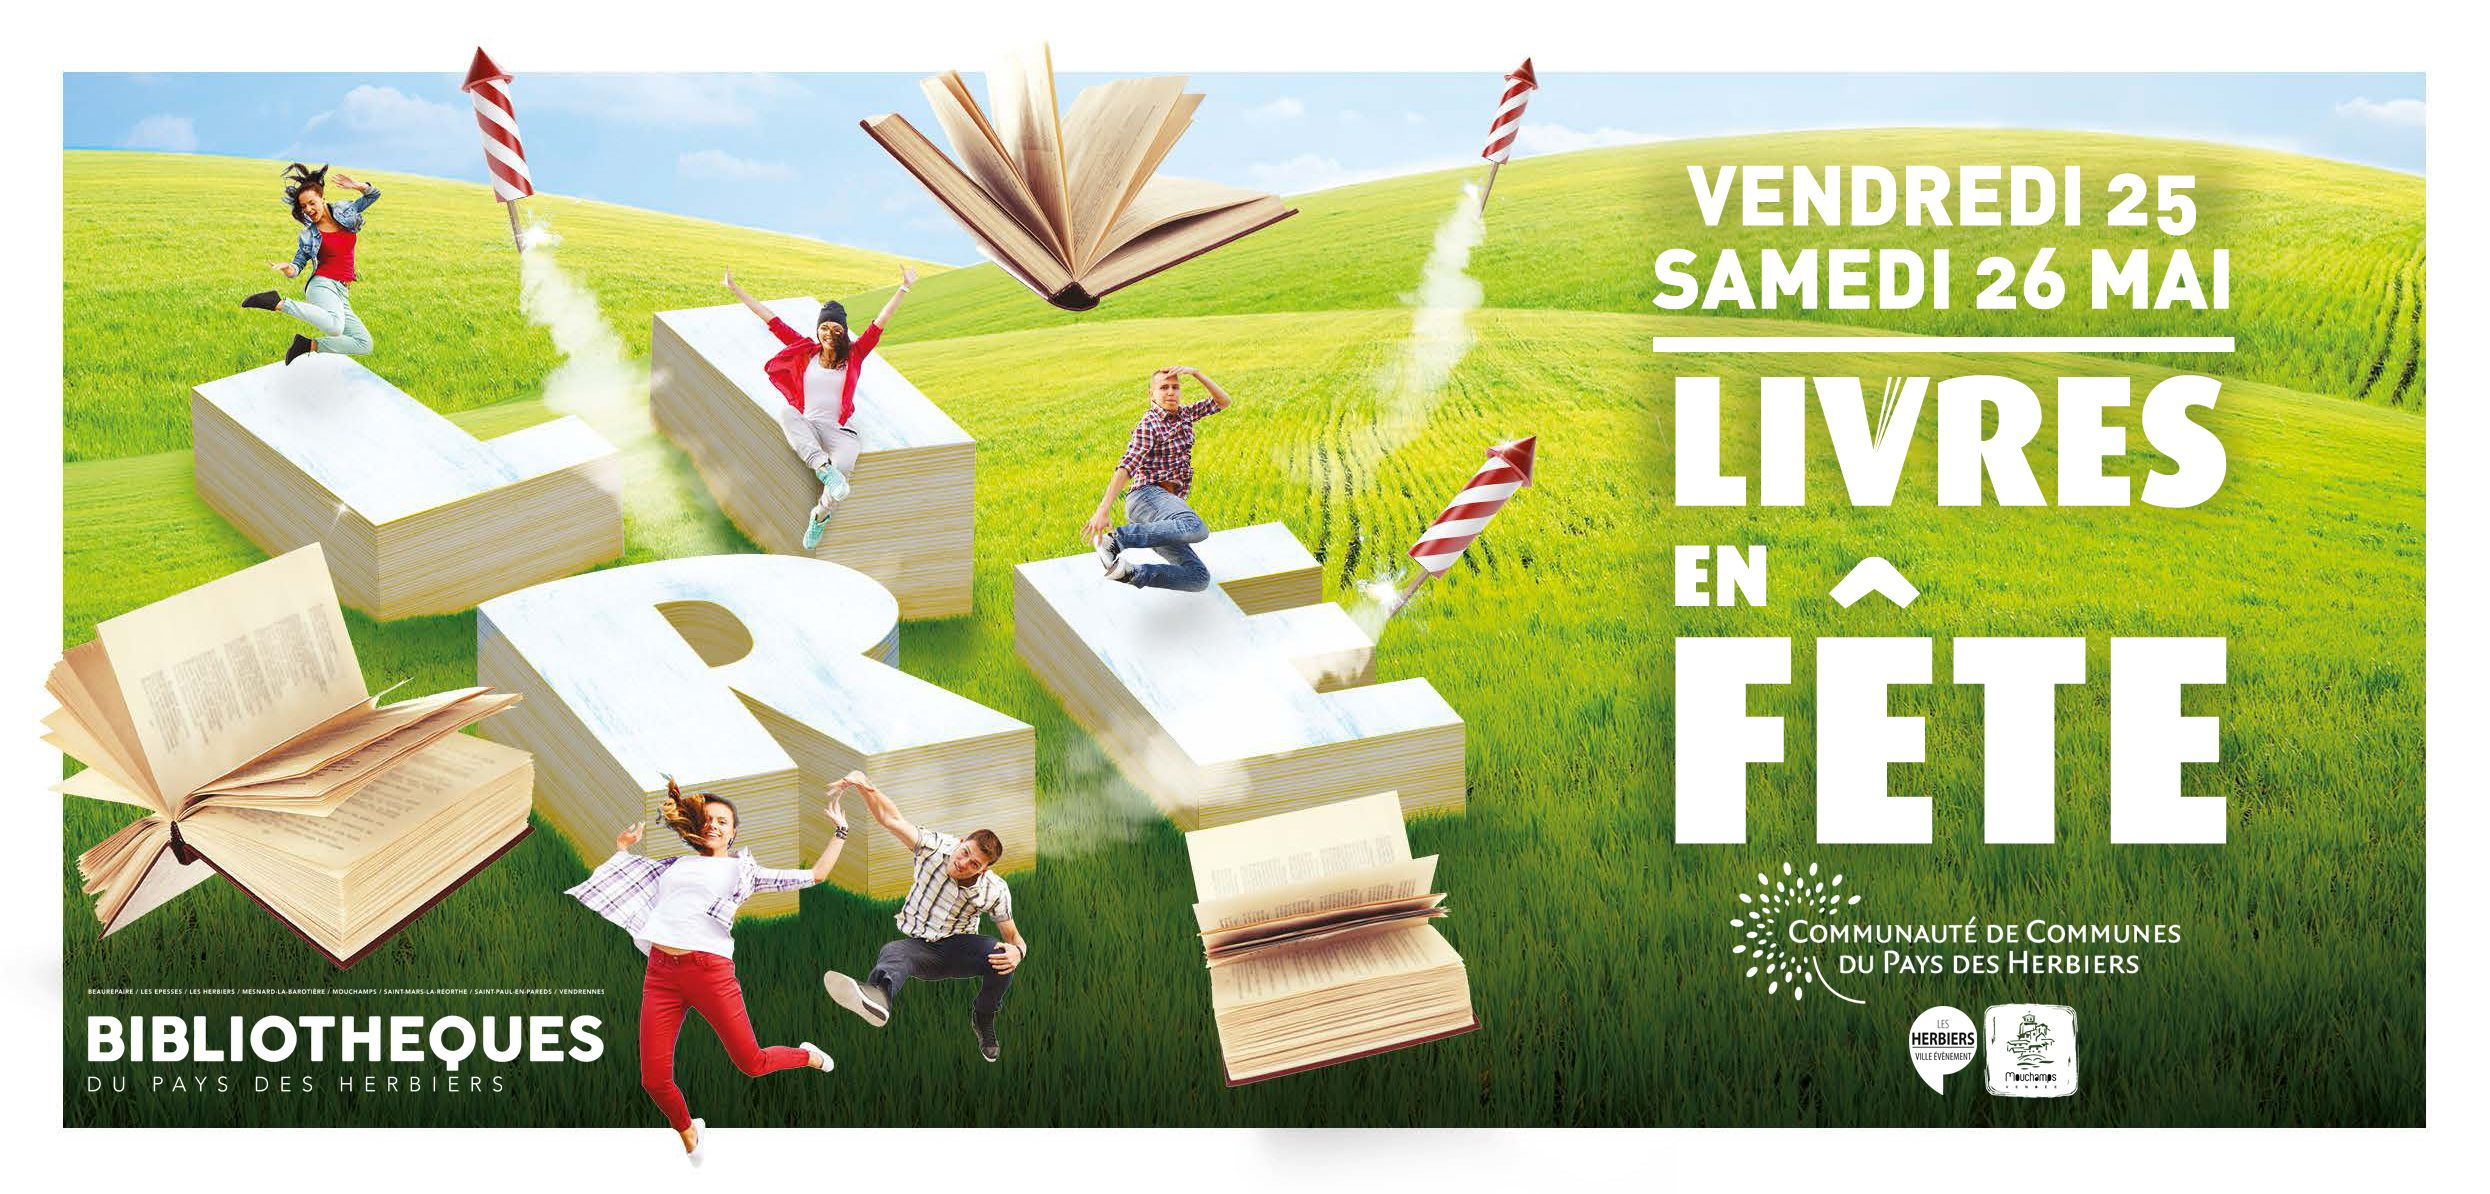 La Valise Rouge Les Herbiers livres en fête - culture et loisirs